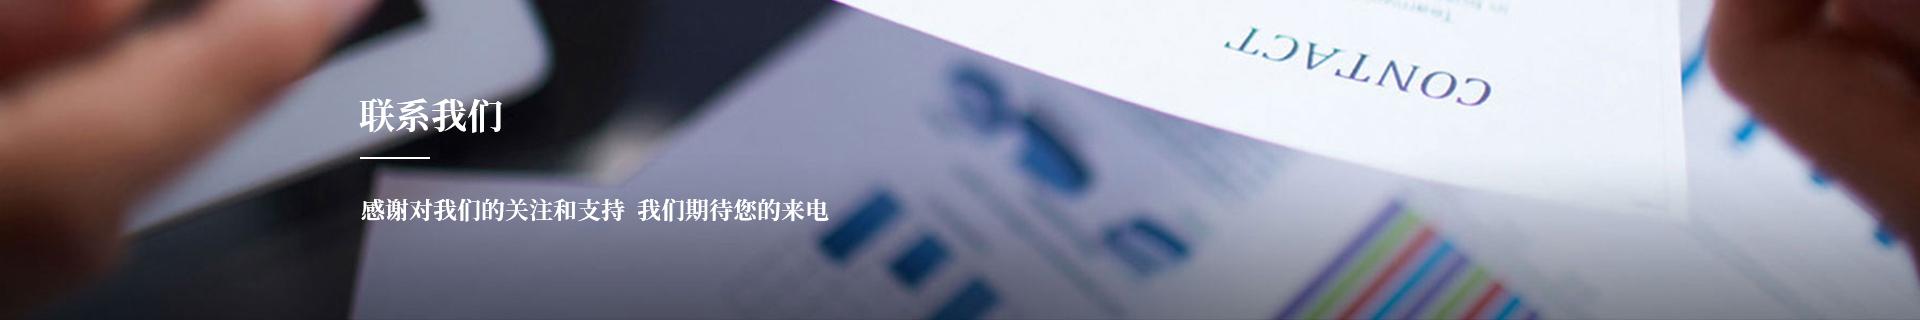 聯係快猫vip最新破解版下载